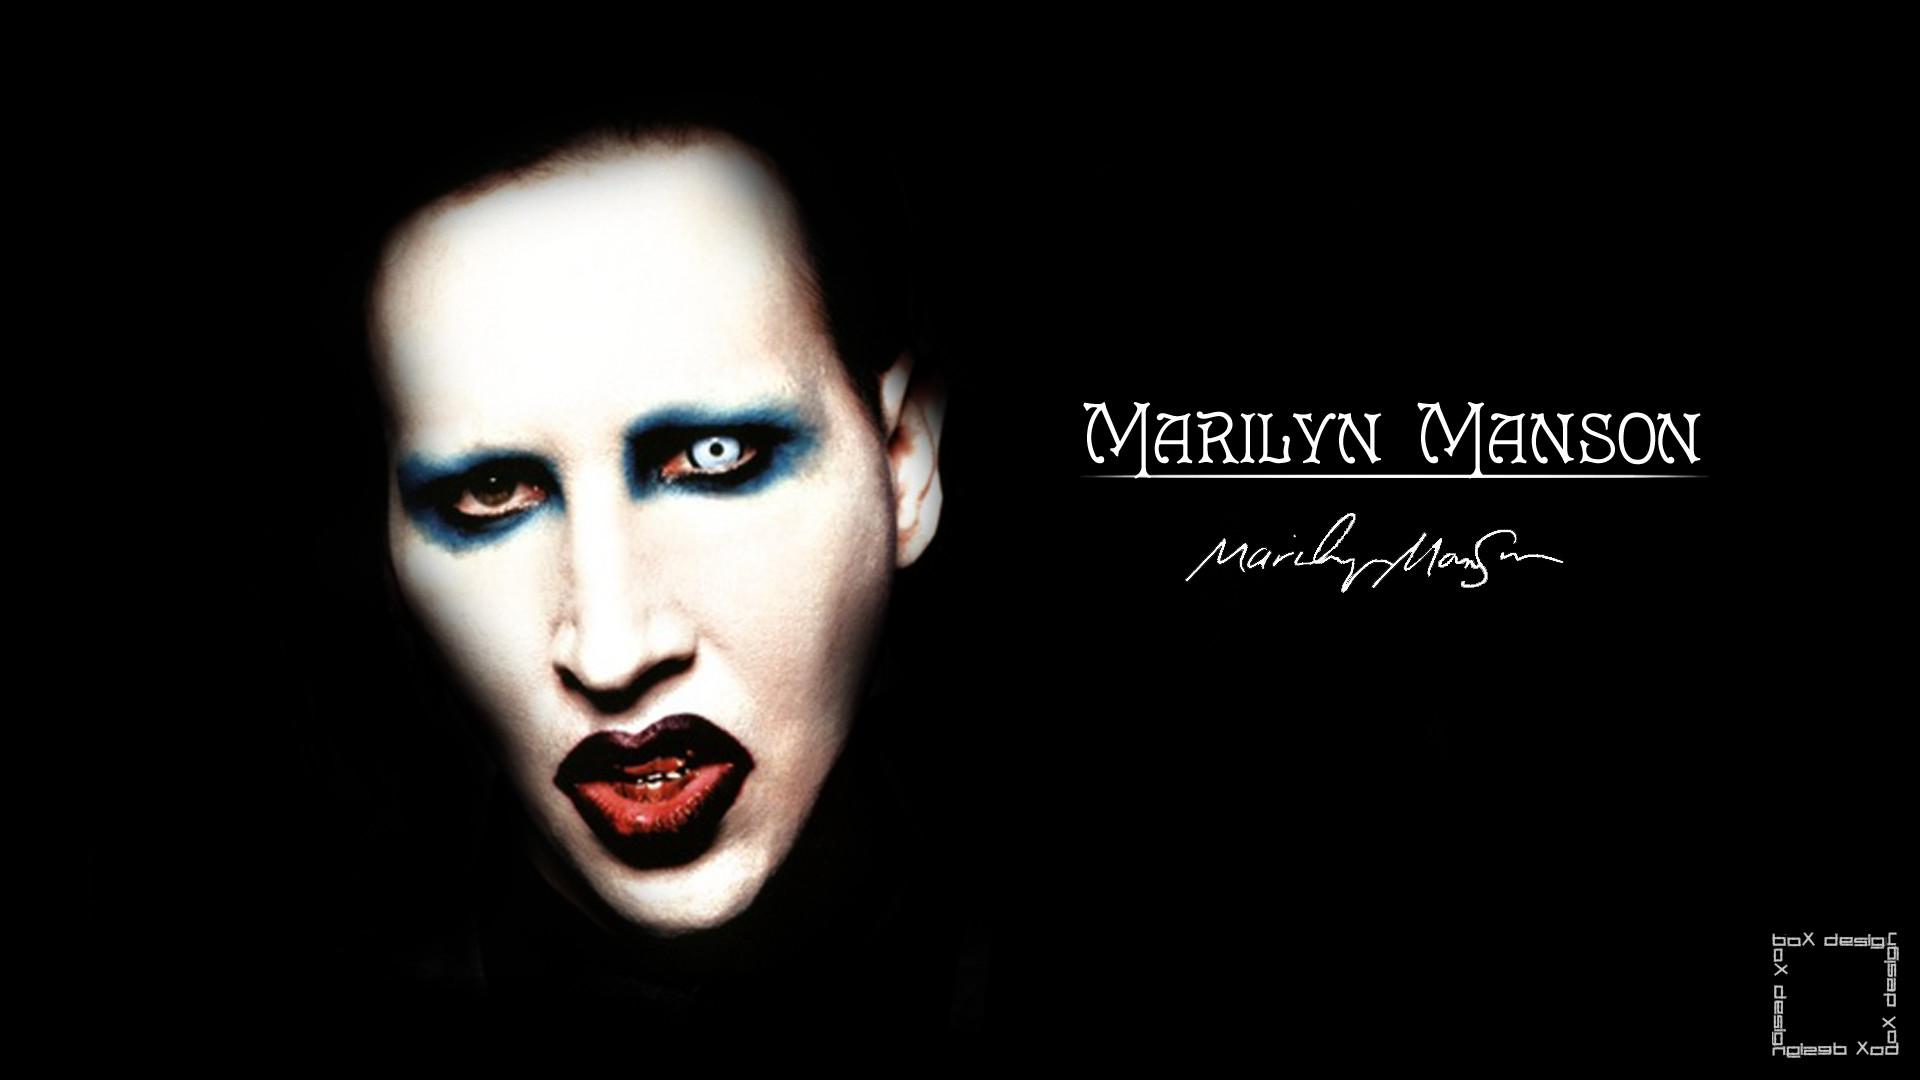 Marilyn Manson pseudonimo di Brian Hugh Warner Canton 5 gennaio 1969 è un cantautore e attore statunitense noto per essere il frontman della band omonima